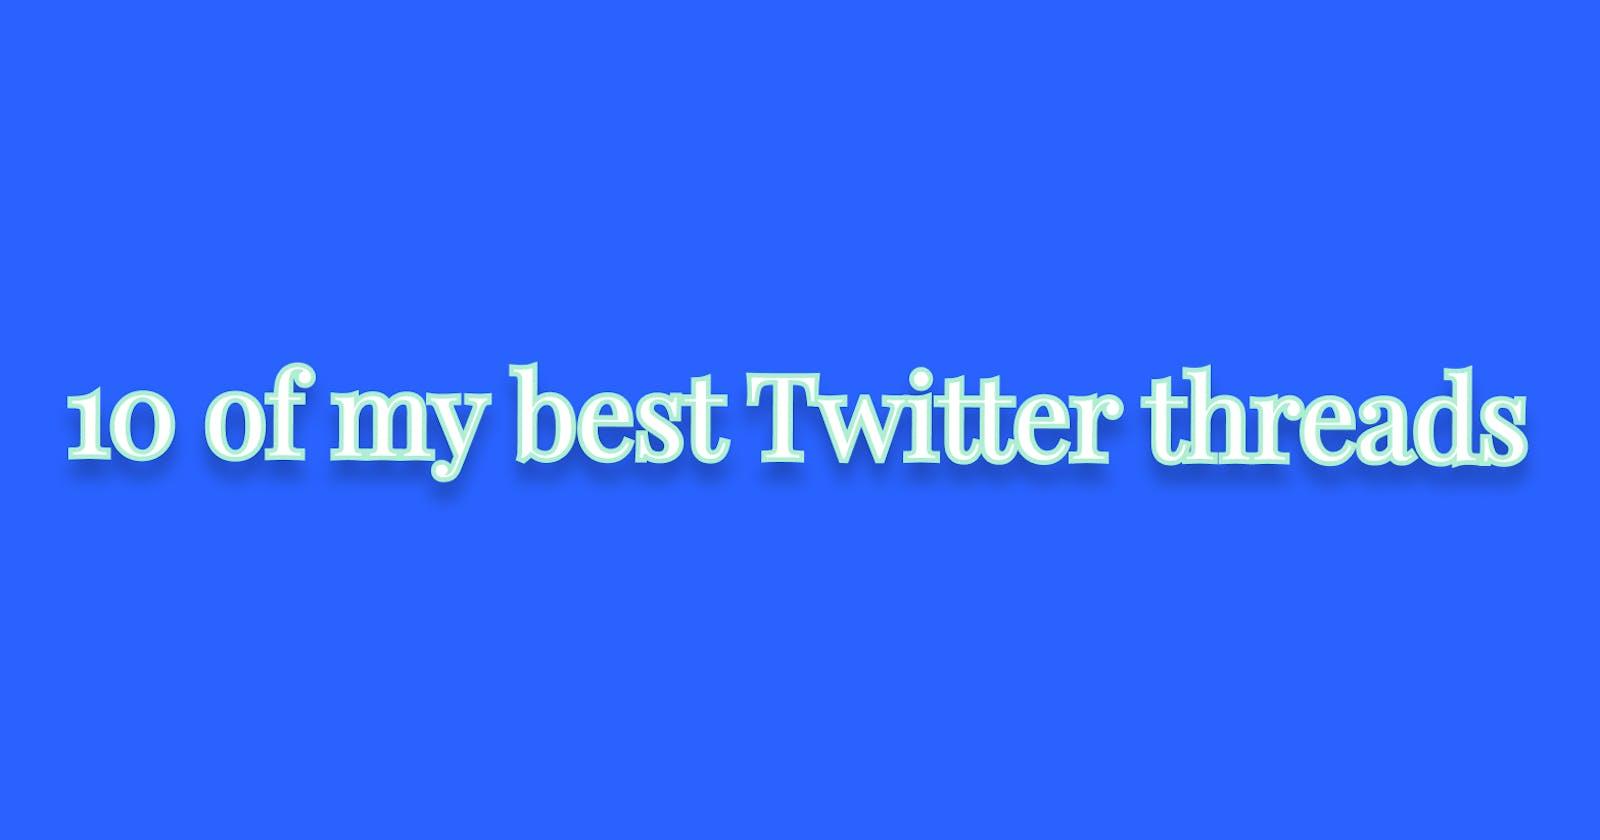 10 of my best Twitter threads